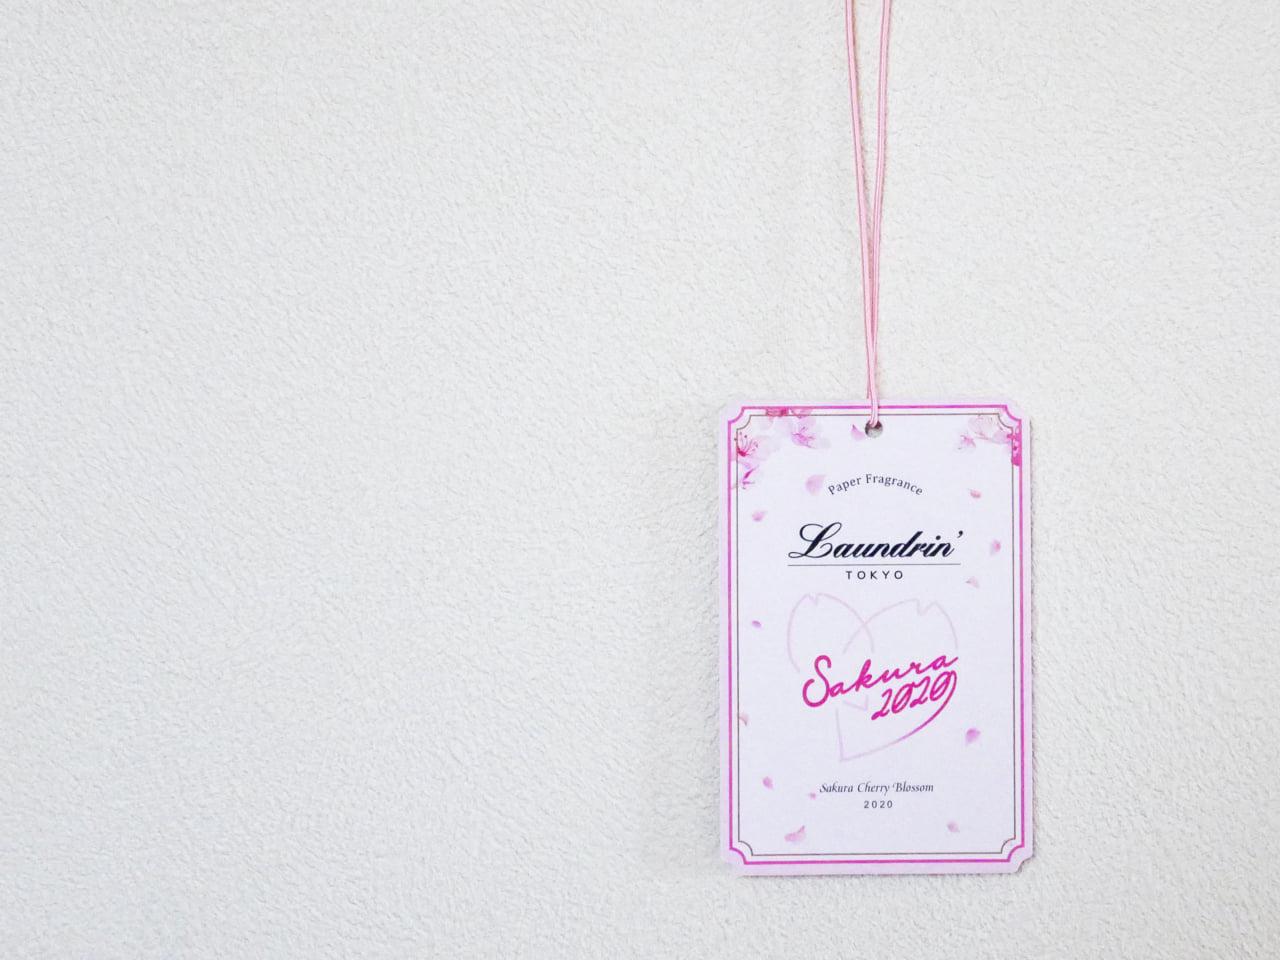 ランドリン 桜 ペーパーフレグランス